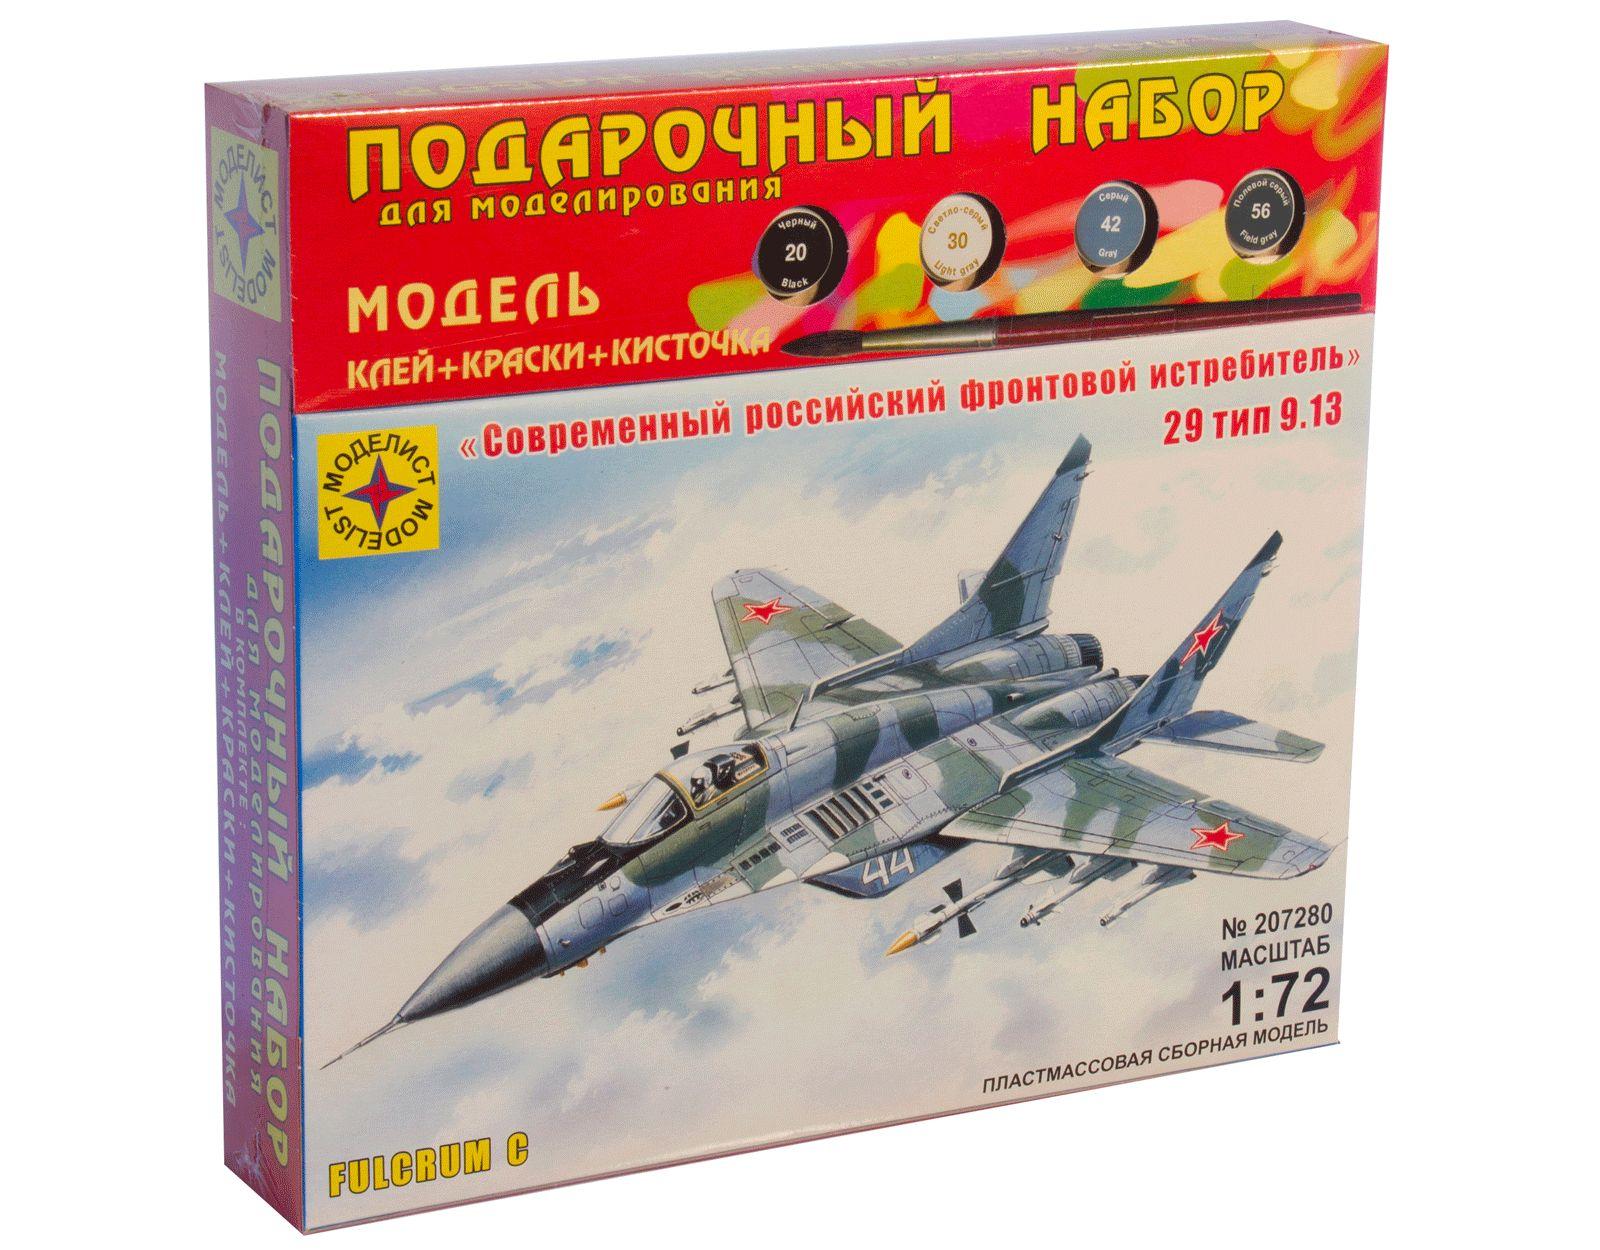 Сборная модель Современный российский фронтовой истребитель (1:72)